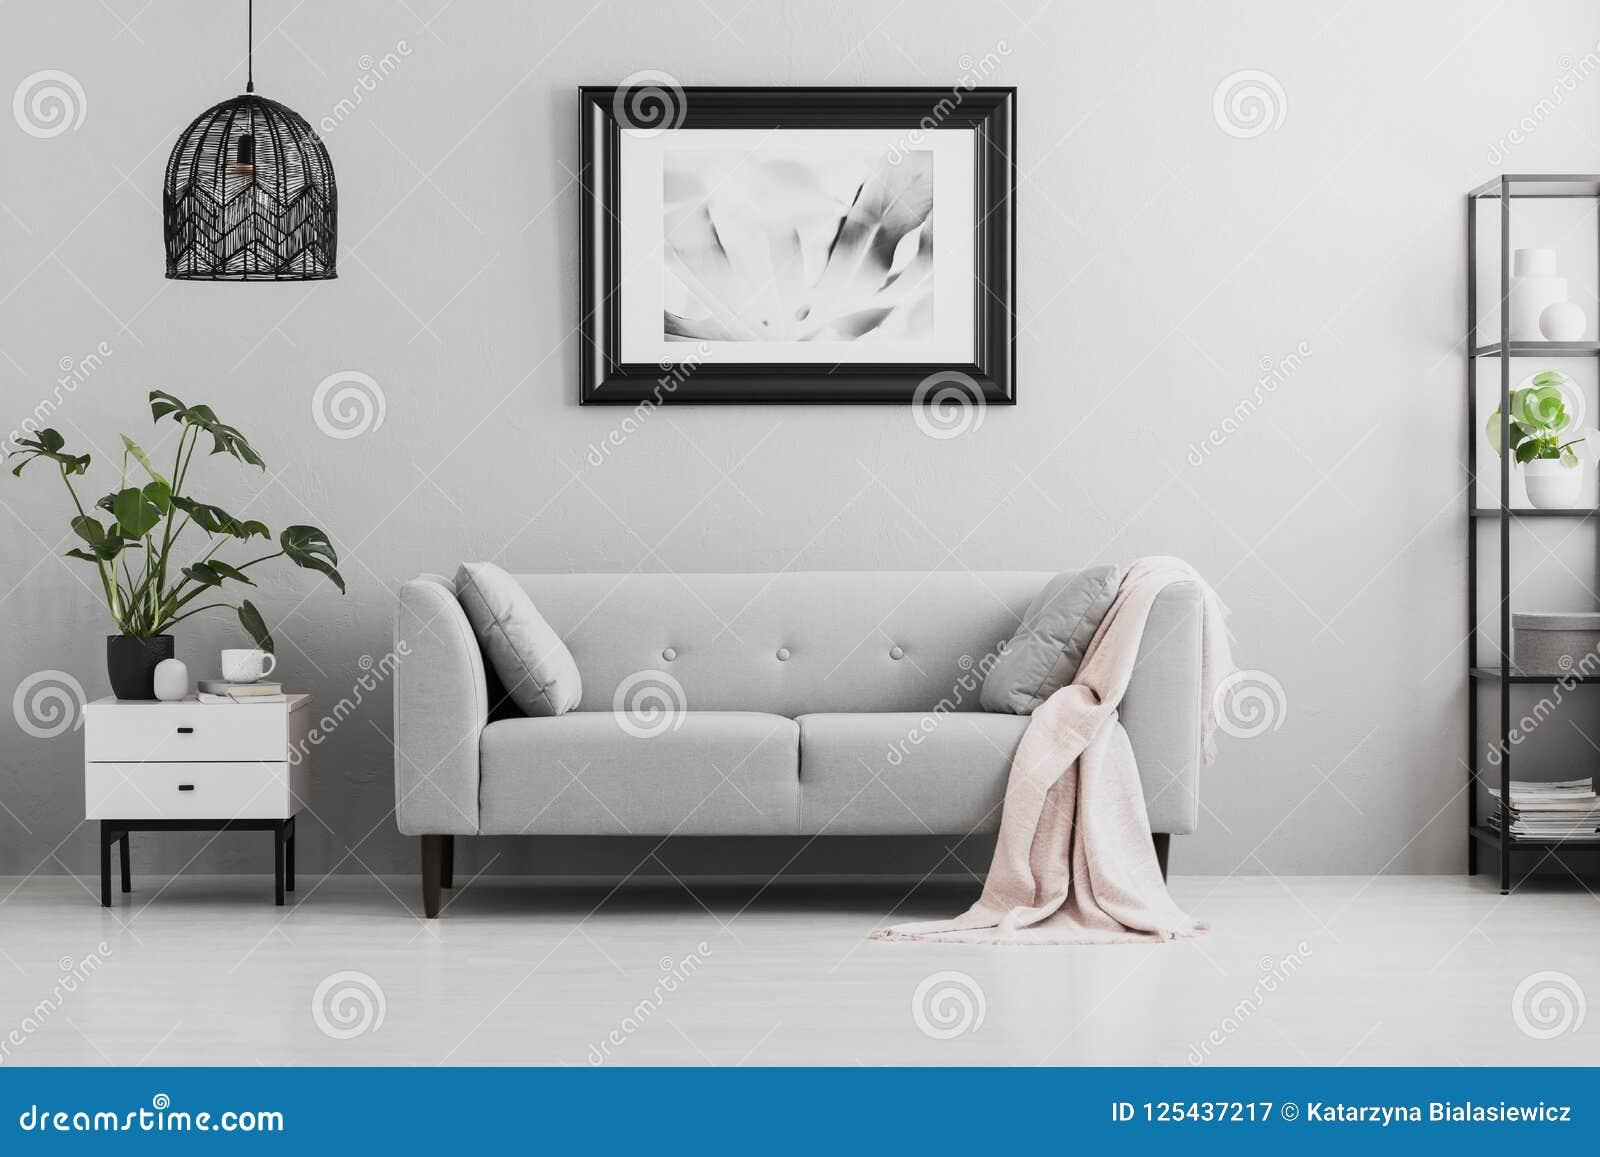 Affiche boven grijze bank met roze deken in woonkamerbinnenland